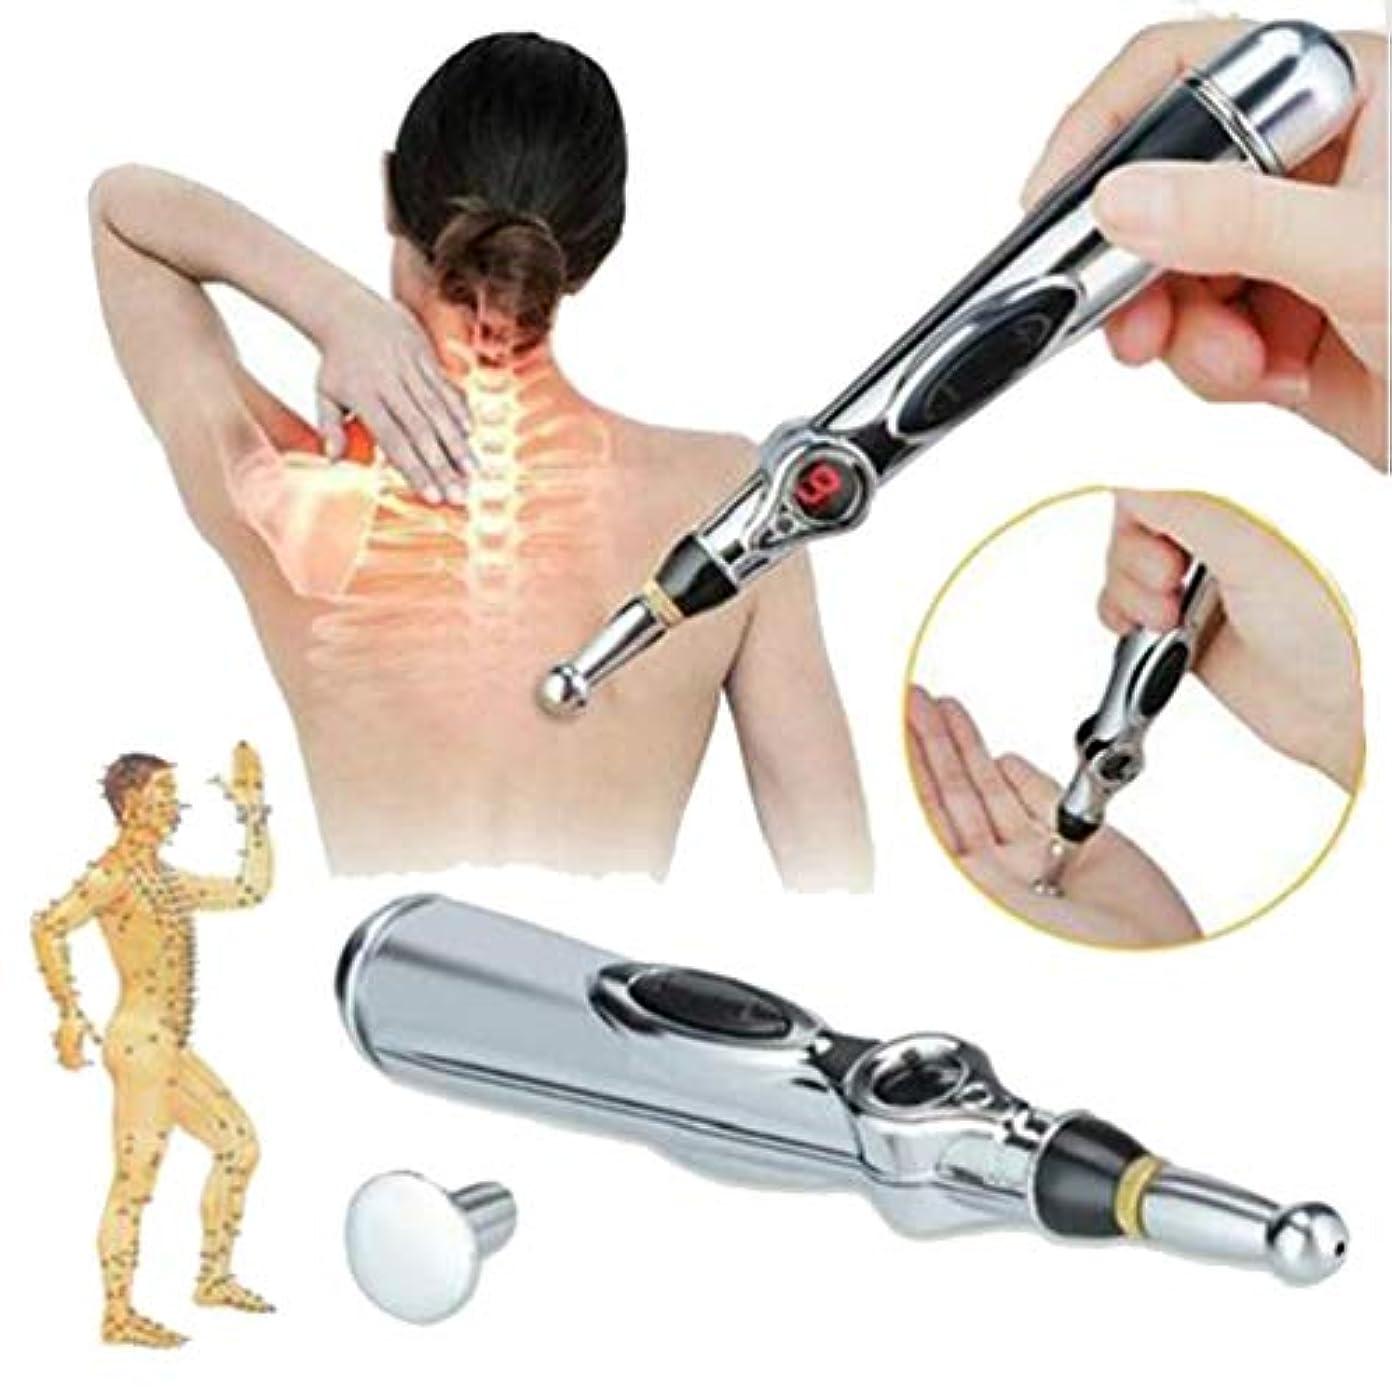 電子鍼ペン経絡レーザー鍼灸器マグネットマッサージャー家庭用医療器